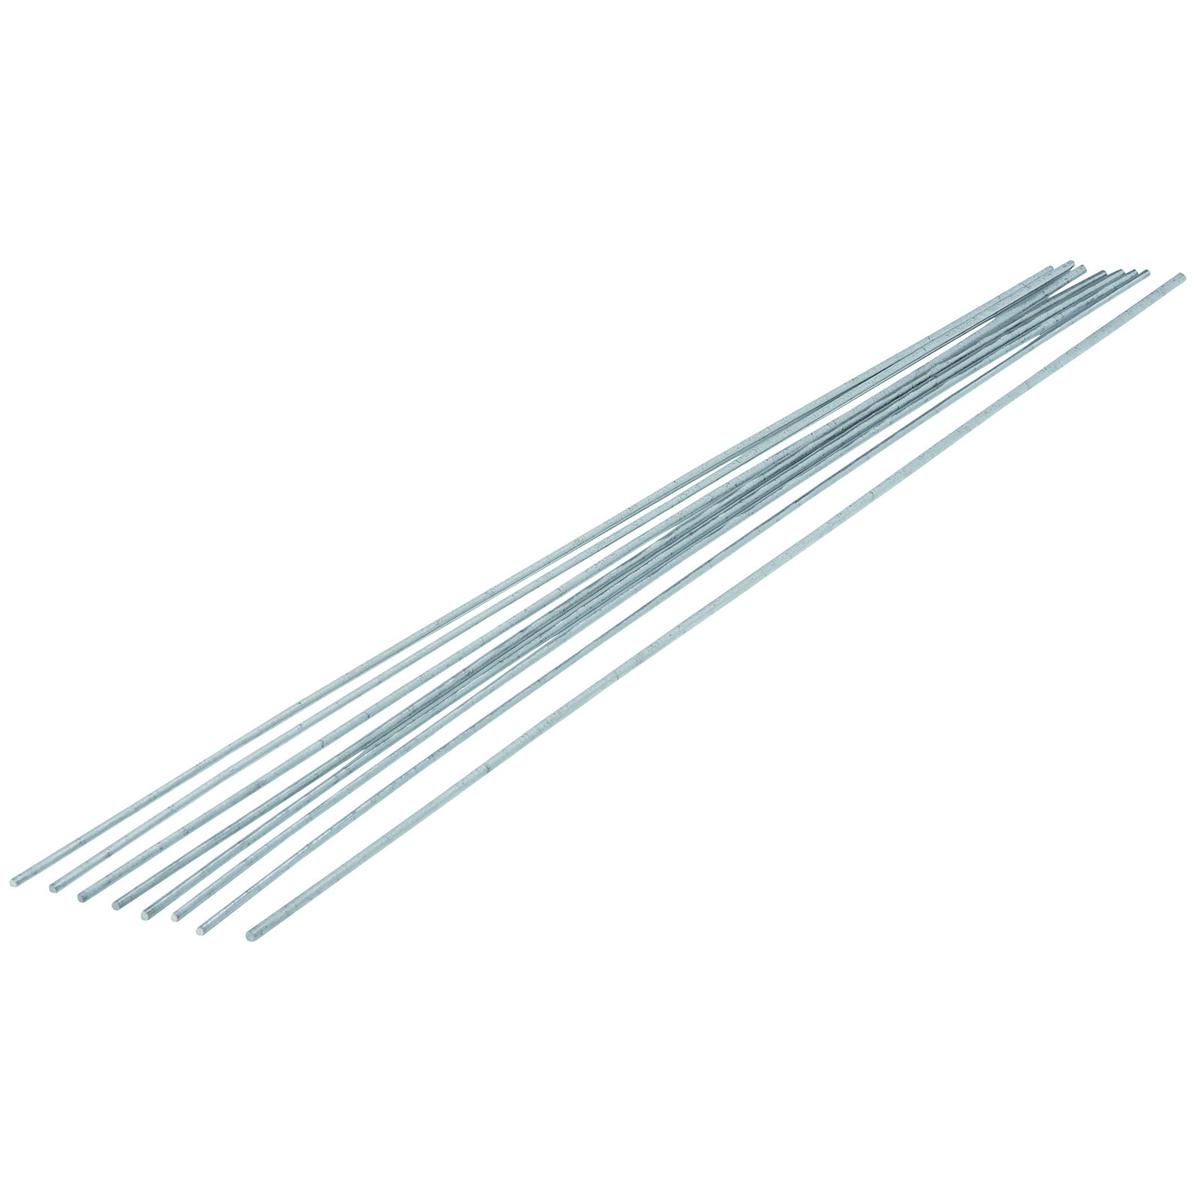 Aluminum Welding Rods - Pack of 8 Low Temperature Rods